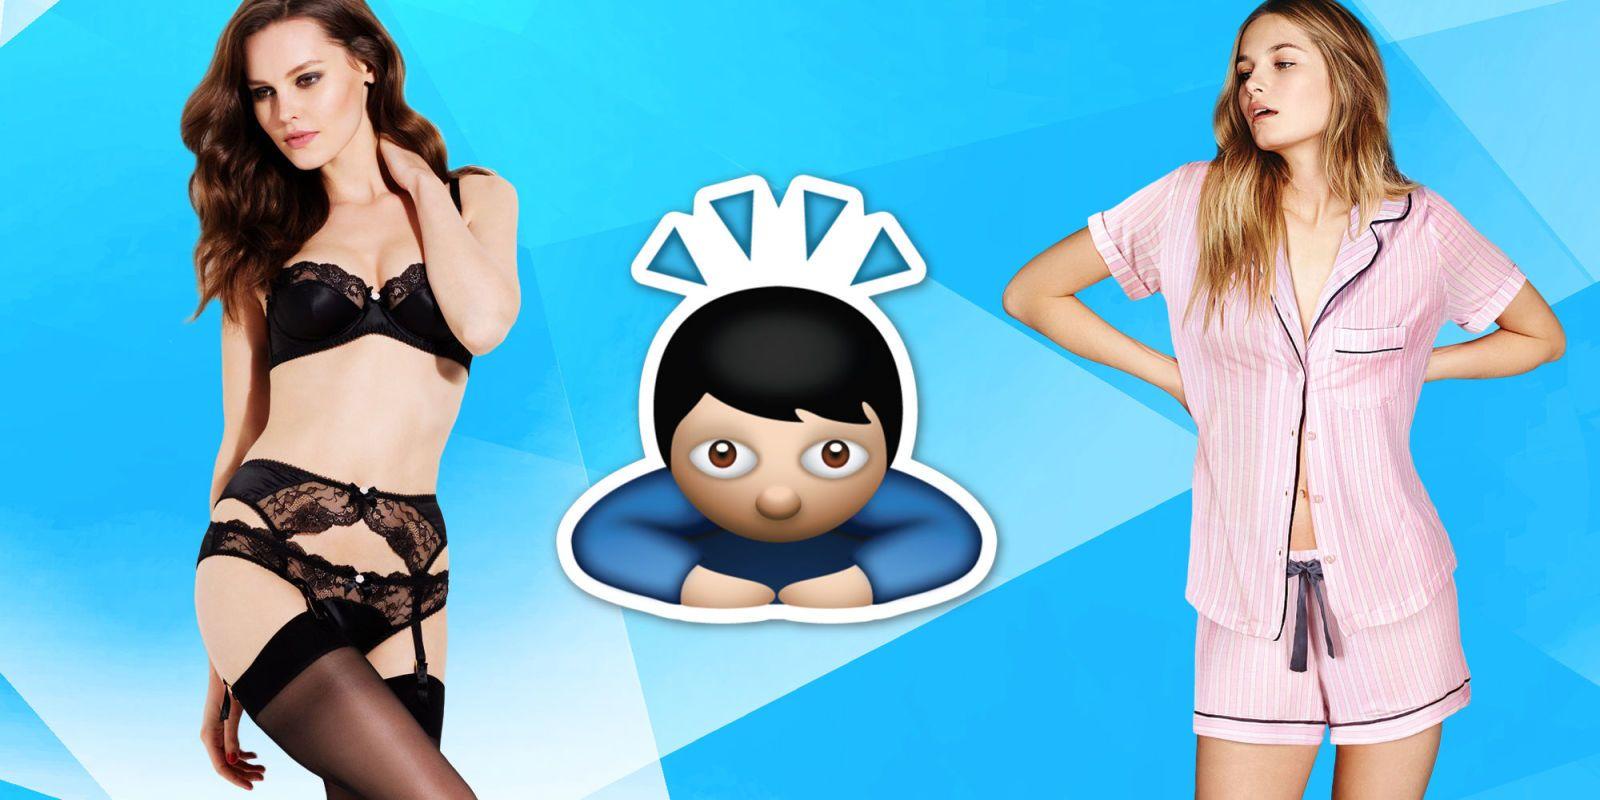 What kind of lingerie do men like?